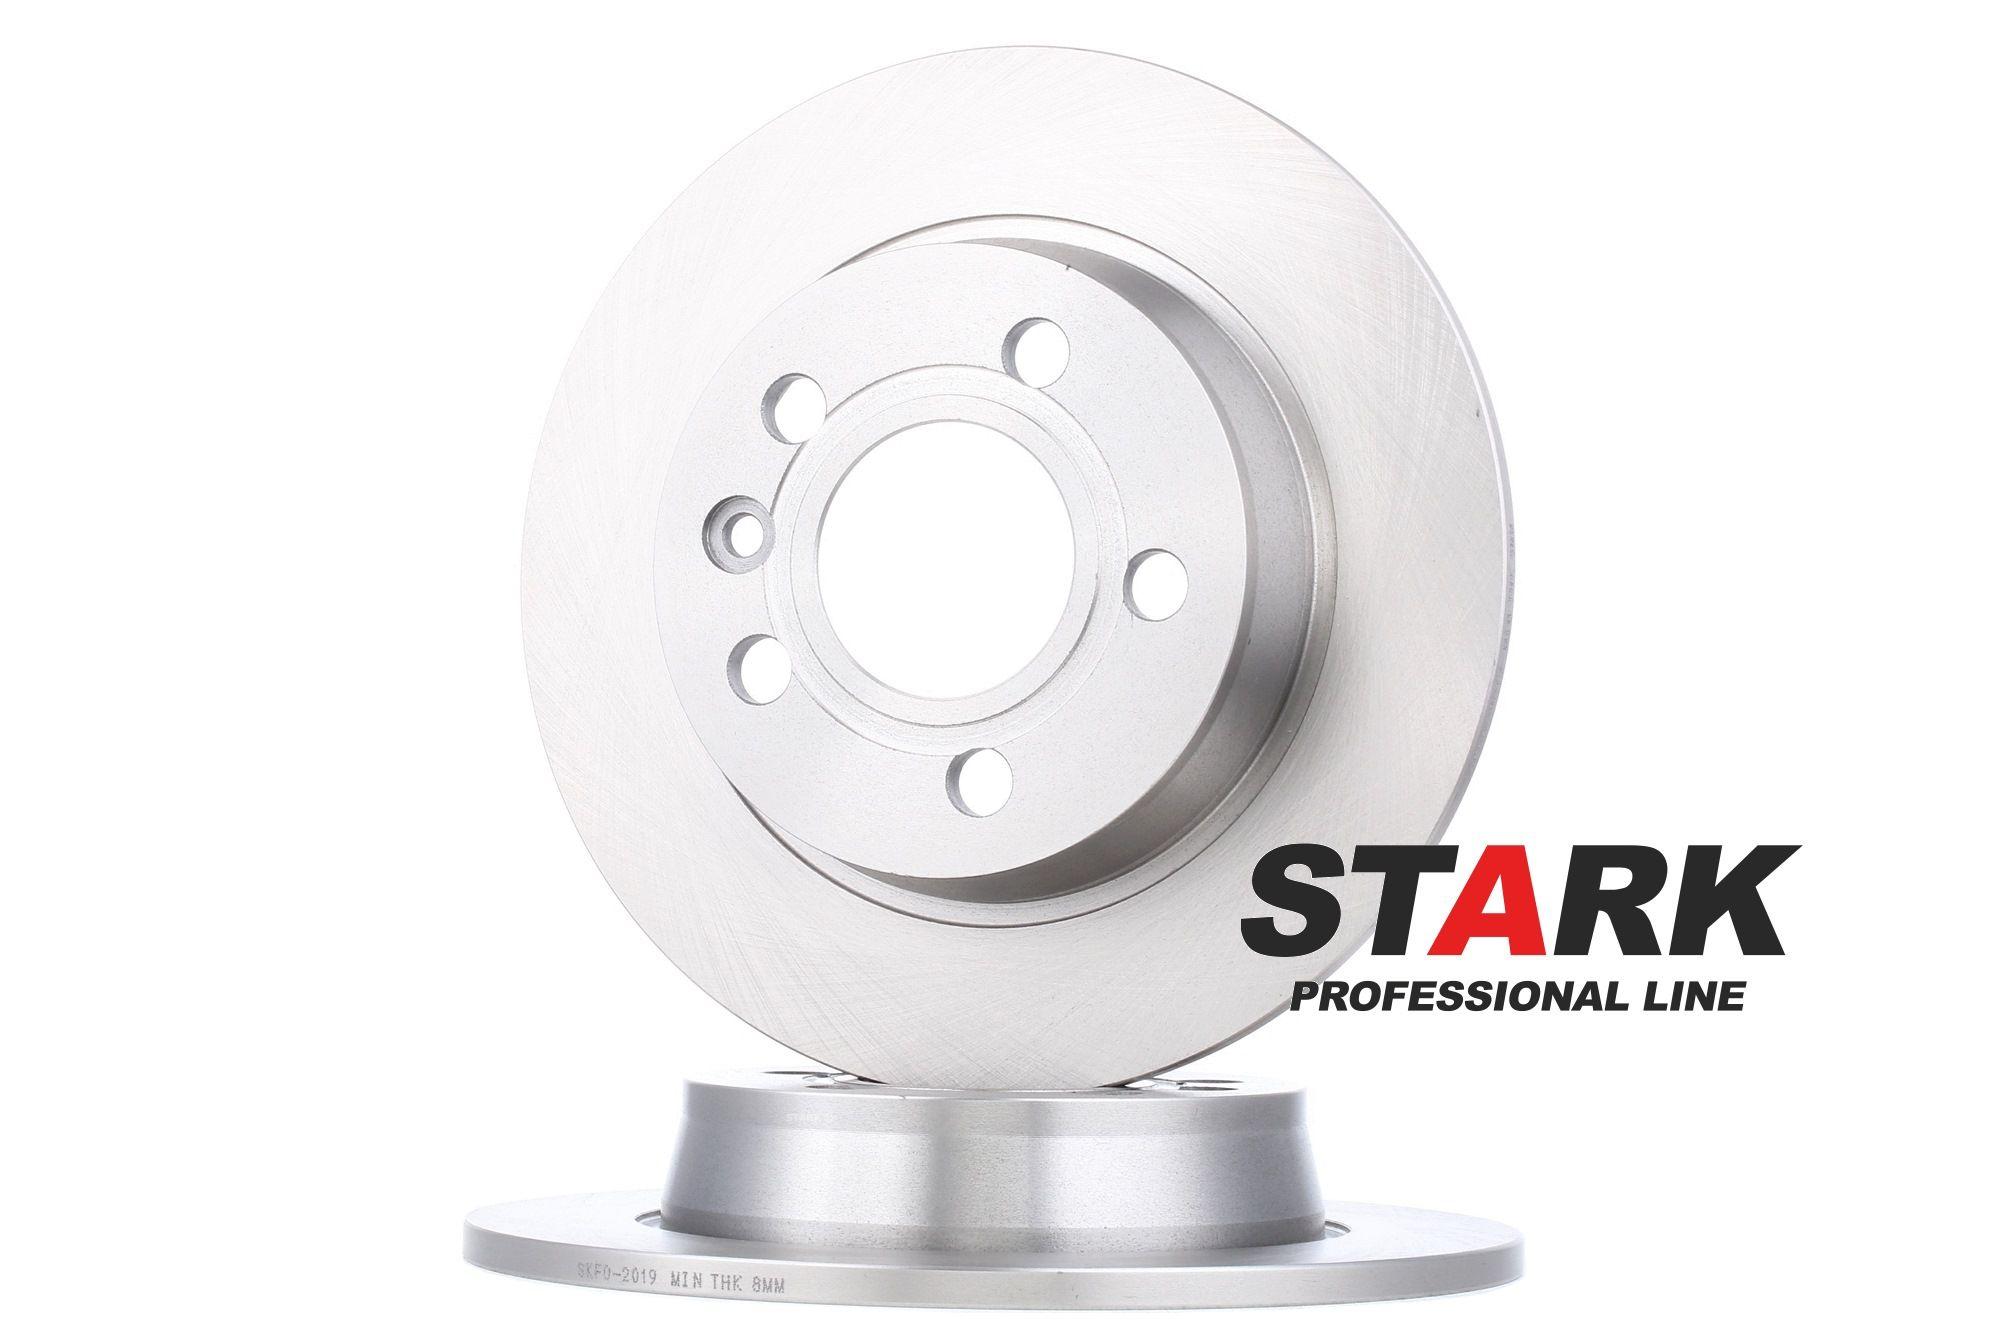 SKFO-2019 STARK Achteras, Massief Ø: 268mm, Remschijfdikte: 10mm Remschijf SKFO-2019 koop goedkoop